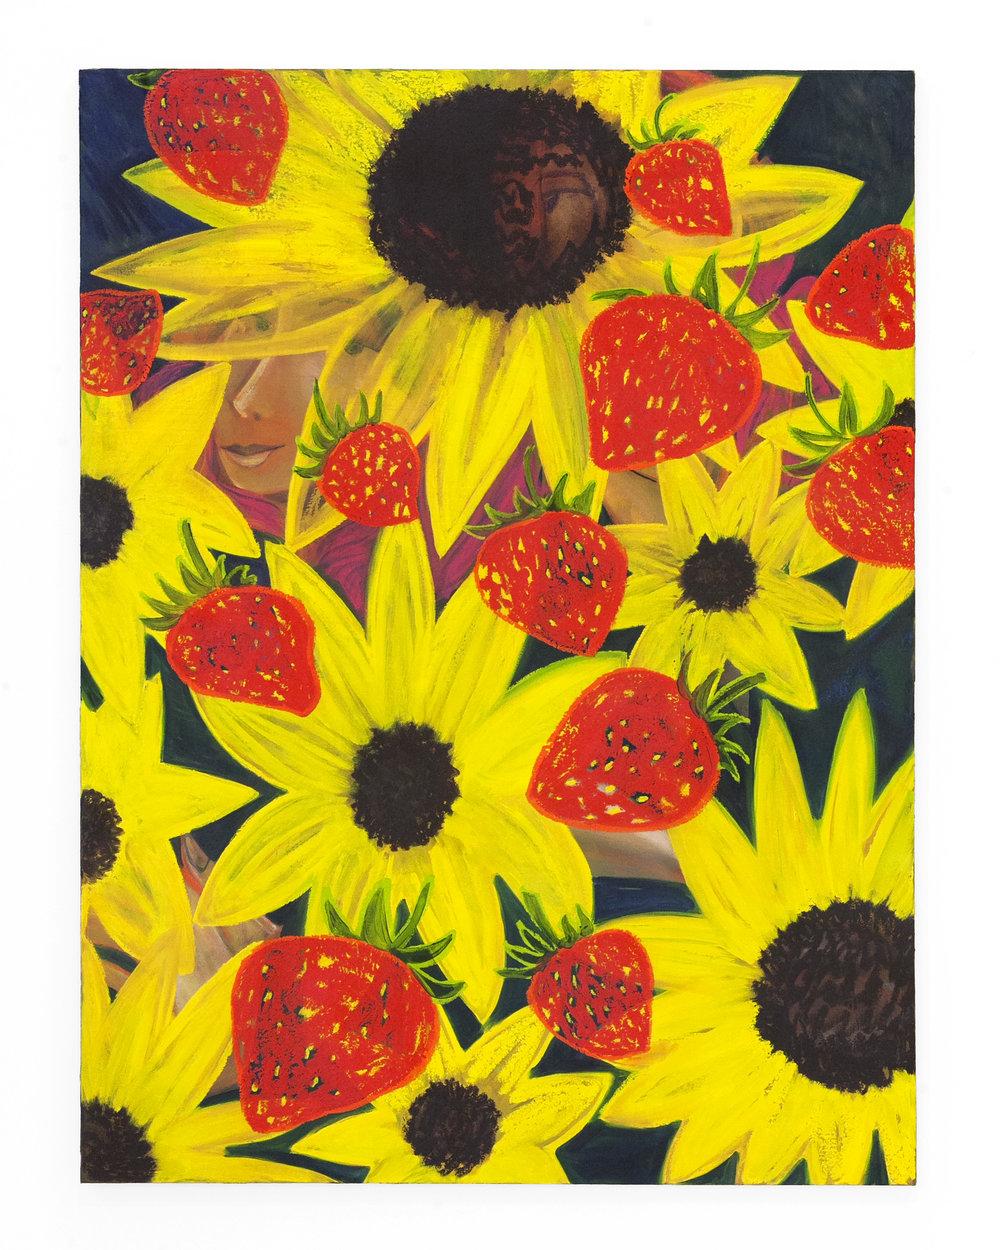 samspano_sunflowerstrawberry.jpg